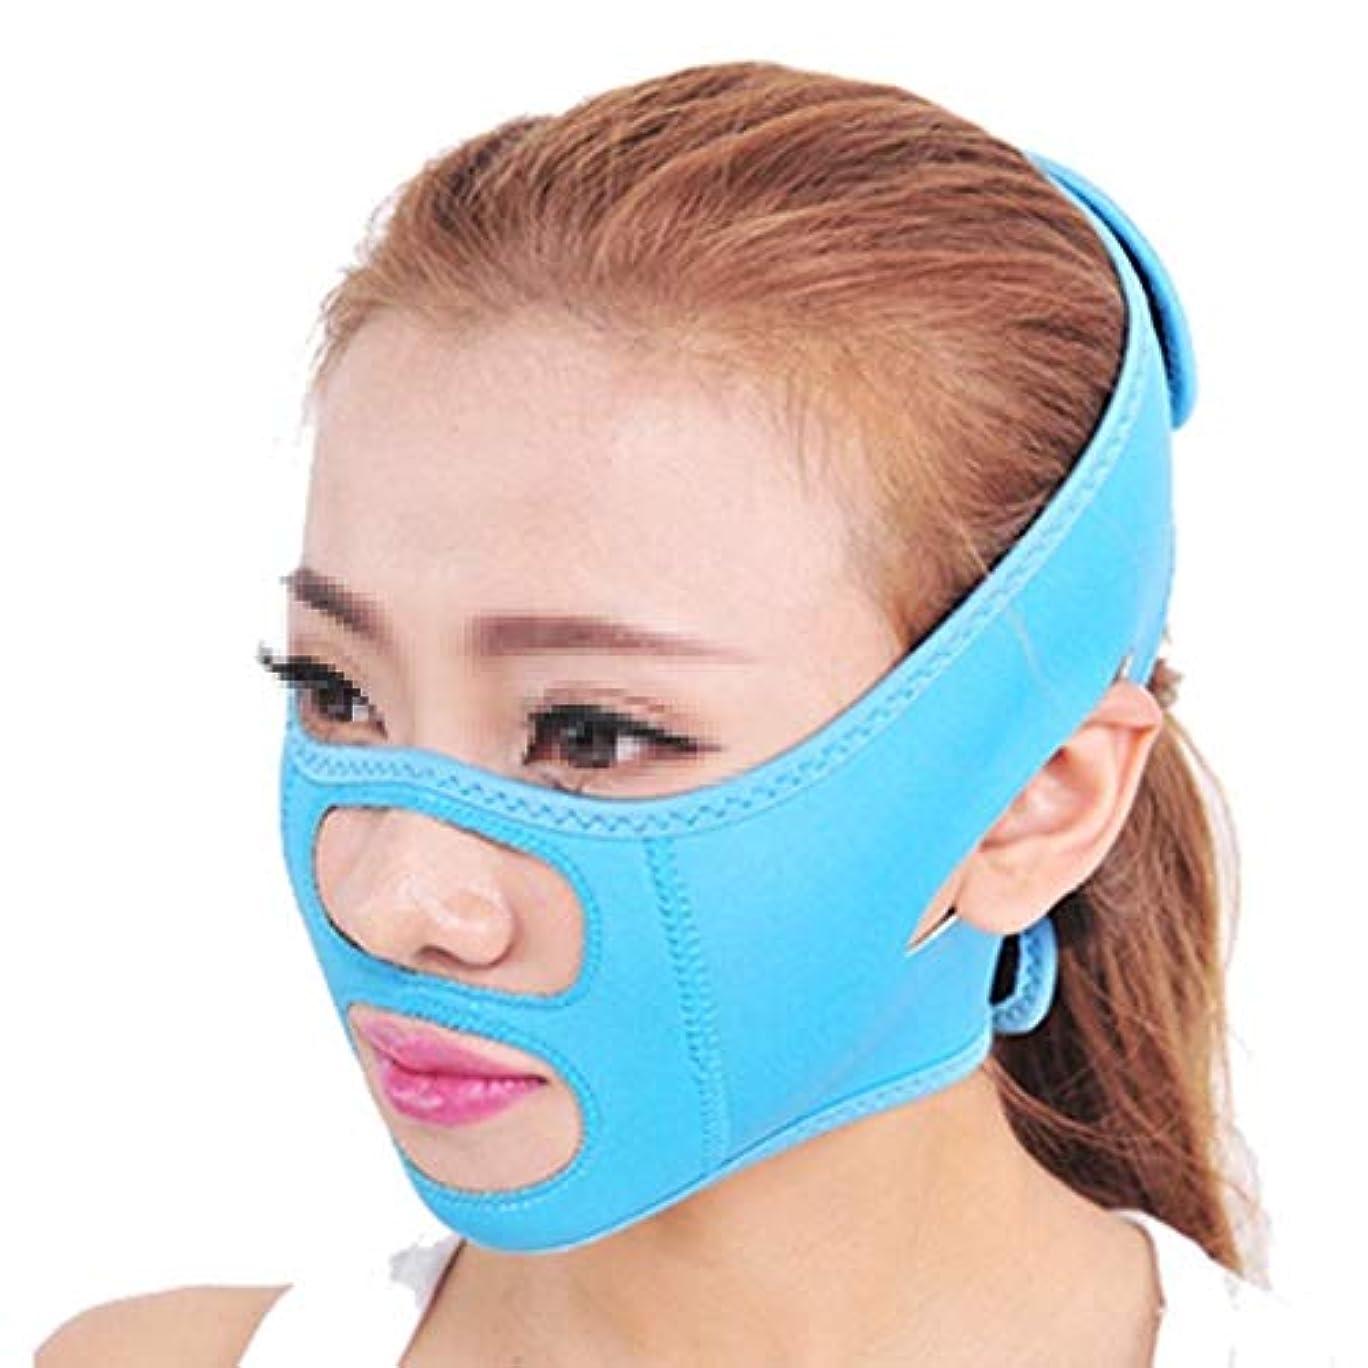 名声鉱石可決薄いフェイスベルト、スリープマスク付きVフェイス、リフティングフェイス、ダブルチンフェイスマスクを引き締めるマルチカラーオプション(色:青)